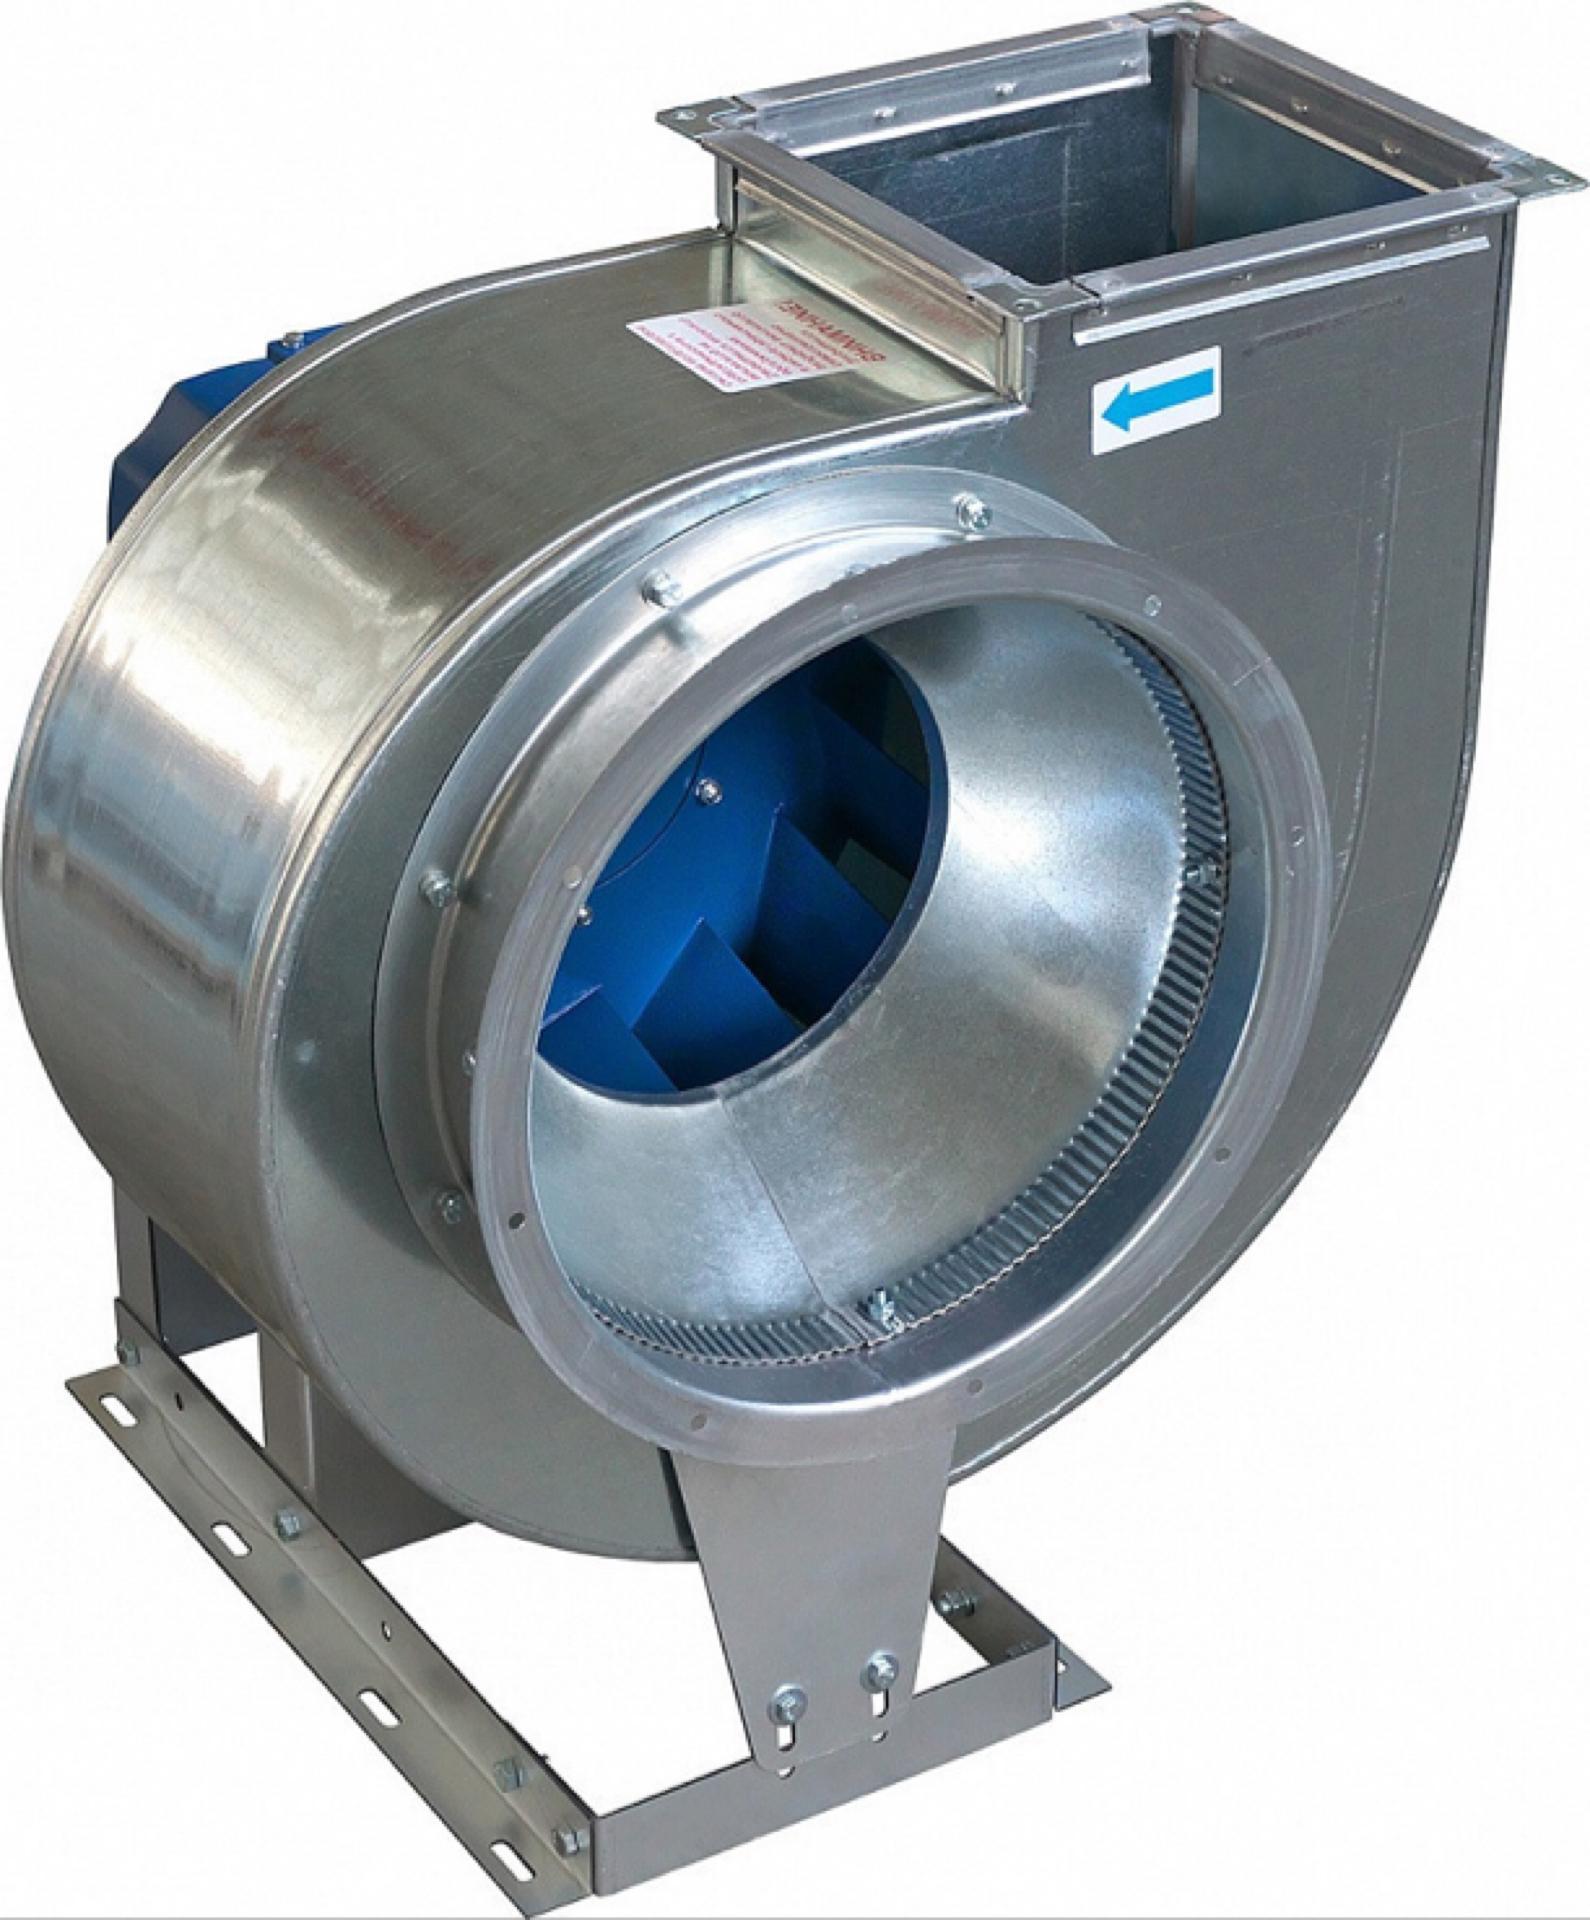 Вентилятор ВР-86-77-5,0 1,5 кВт*1500 об/мин  ЛО (Д=0,9Дн)